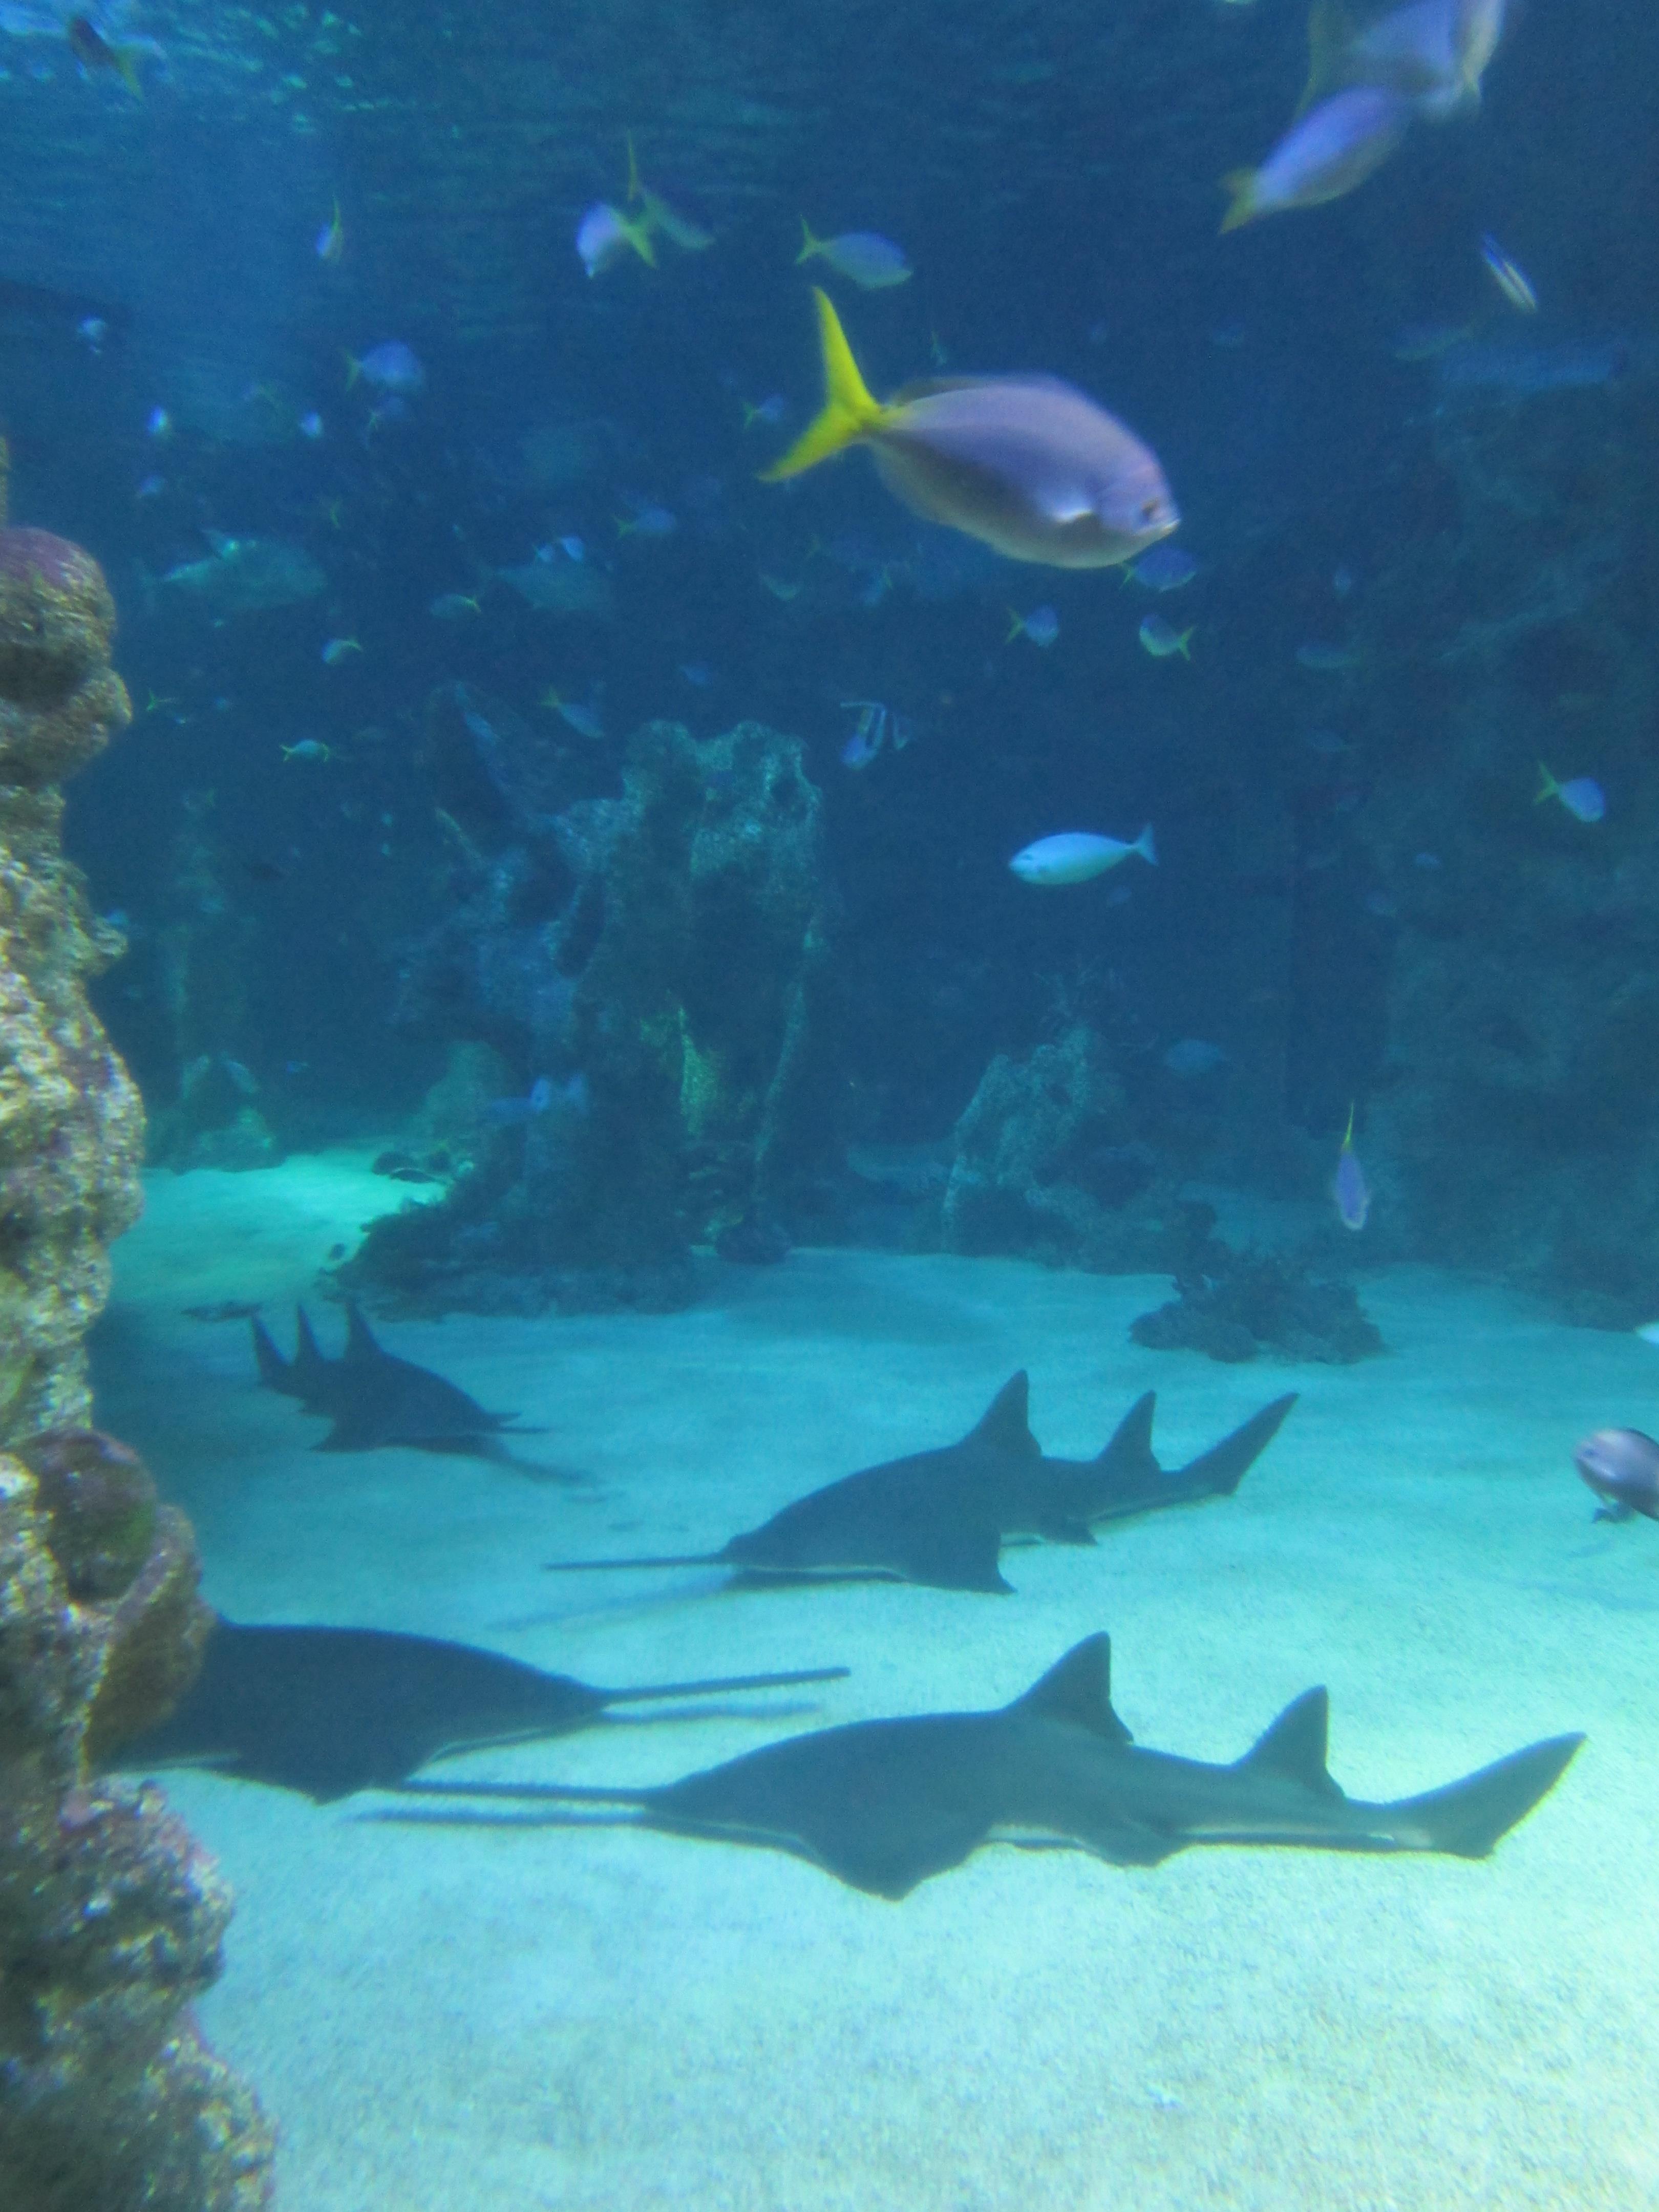 壁纸 海底 海底世界 海洋馆 水族馆 桌面 3240_4320 竖版 竖屏 手机